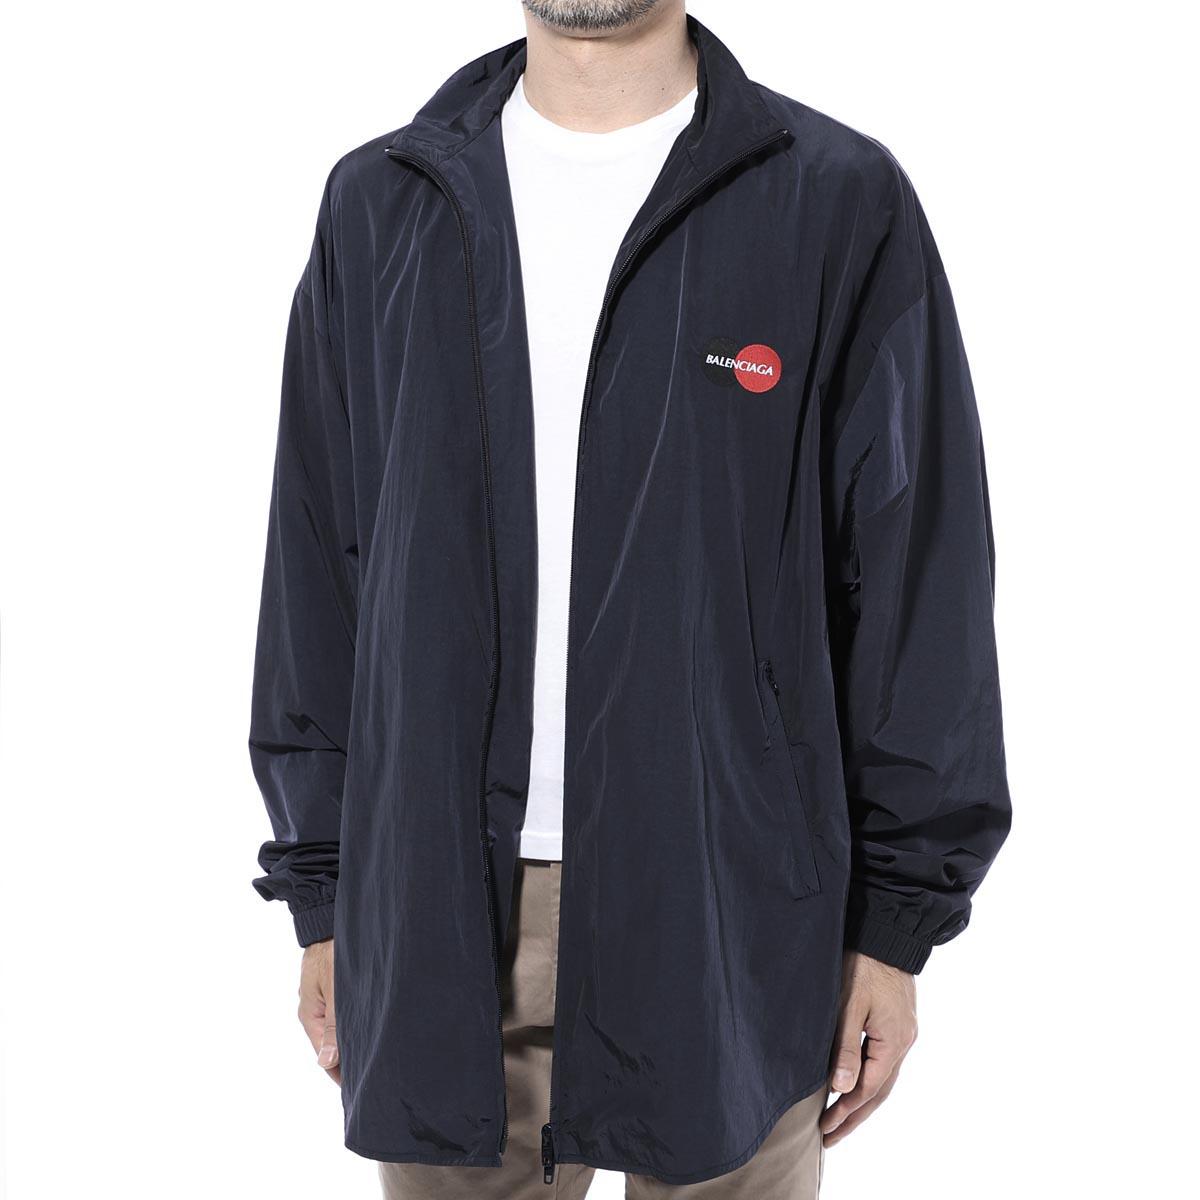 バレンシアガ BALENCIAGA ジップアップジャケット ブルー メンズ 622002 tio50 8065 Uniform Tracksuit ジャケット【あす楽対応_関東】【返品送料無料】【ラッピング無料】